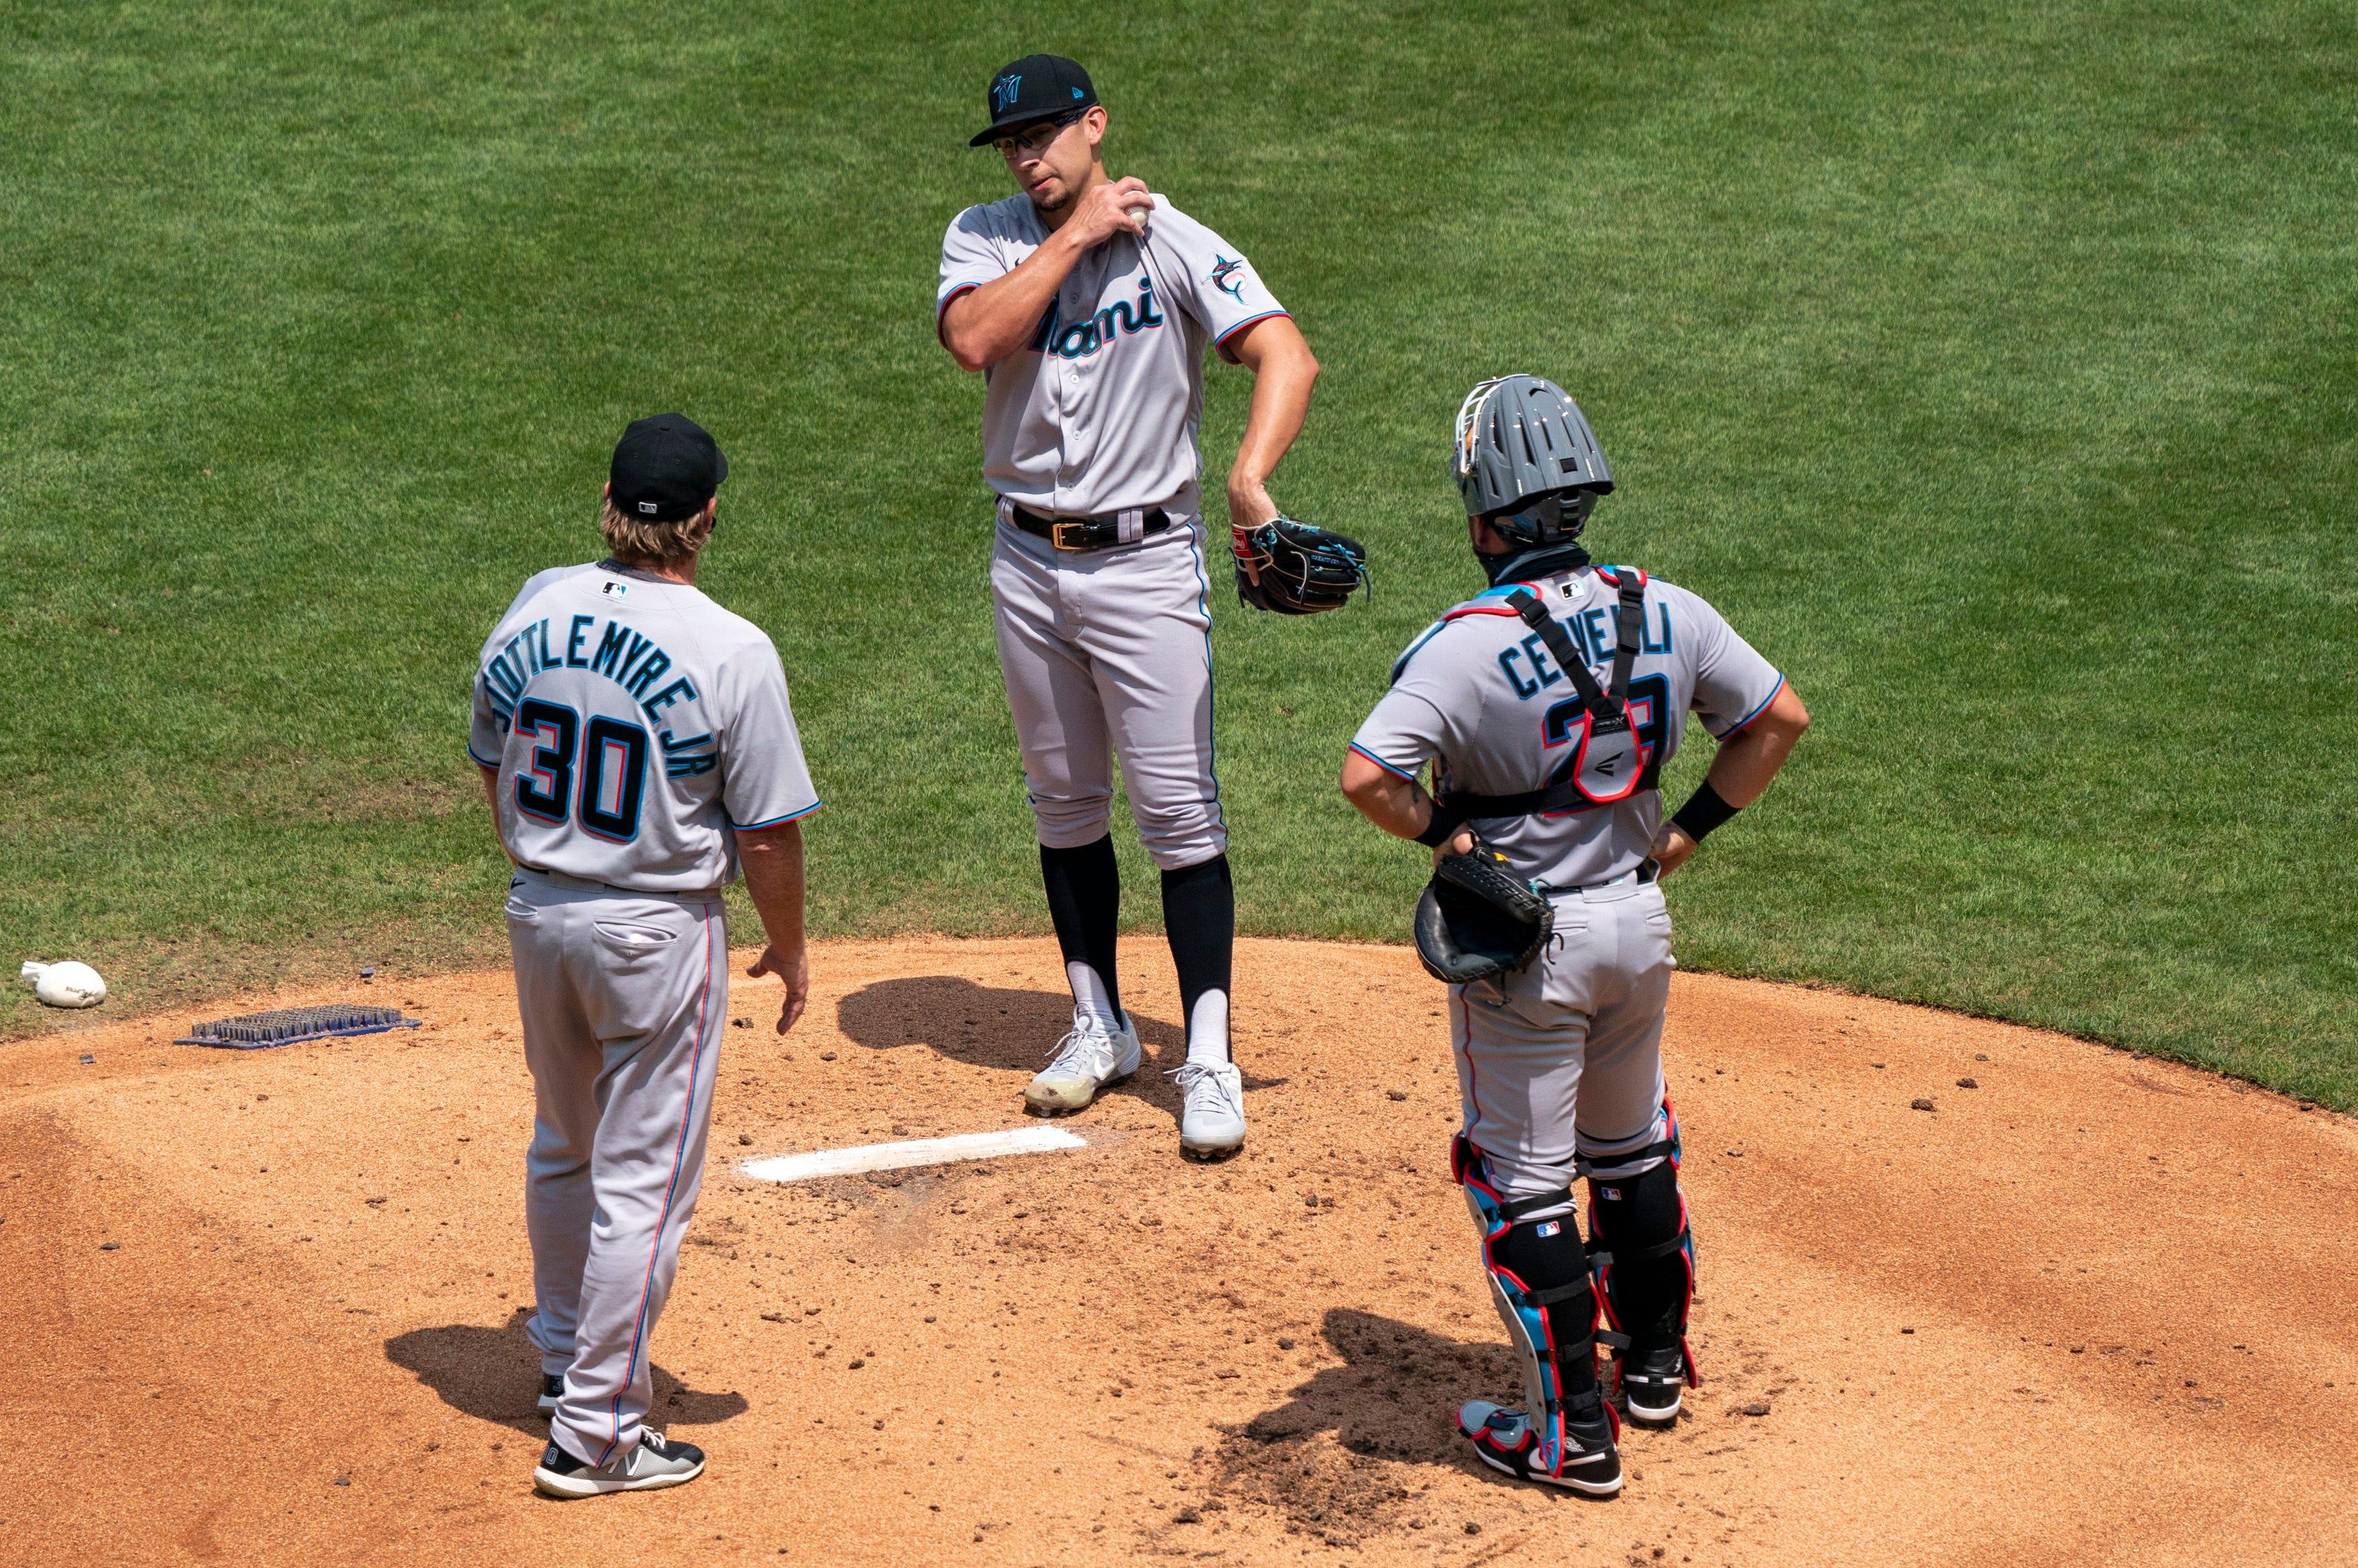 Reportan cuatro casos más de COVID-19 en los Marlines de Miami, MLB no ha confirmado esta información